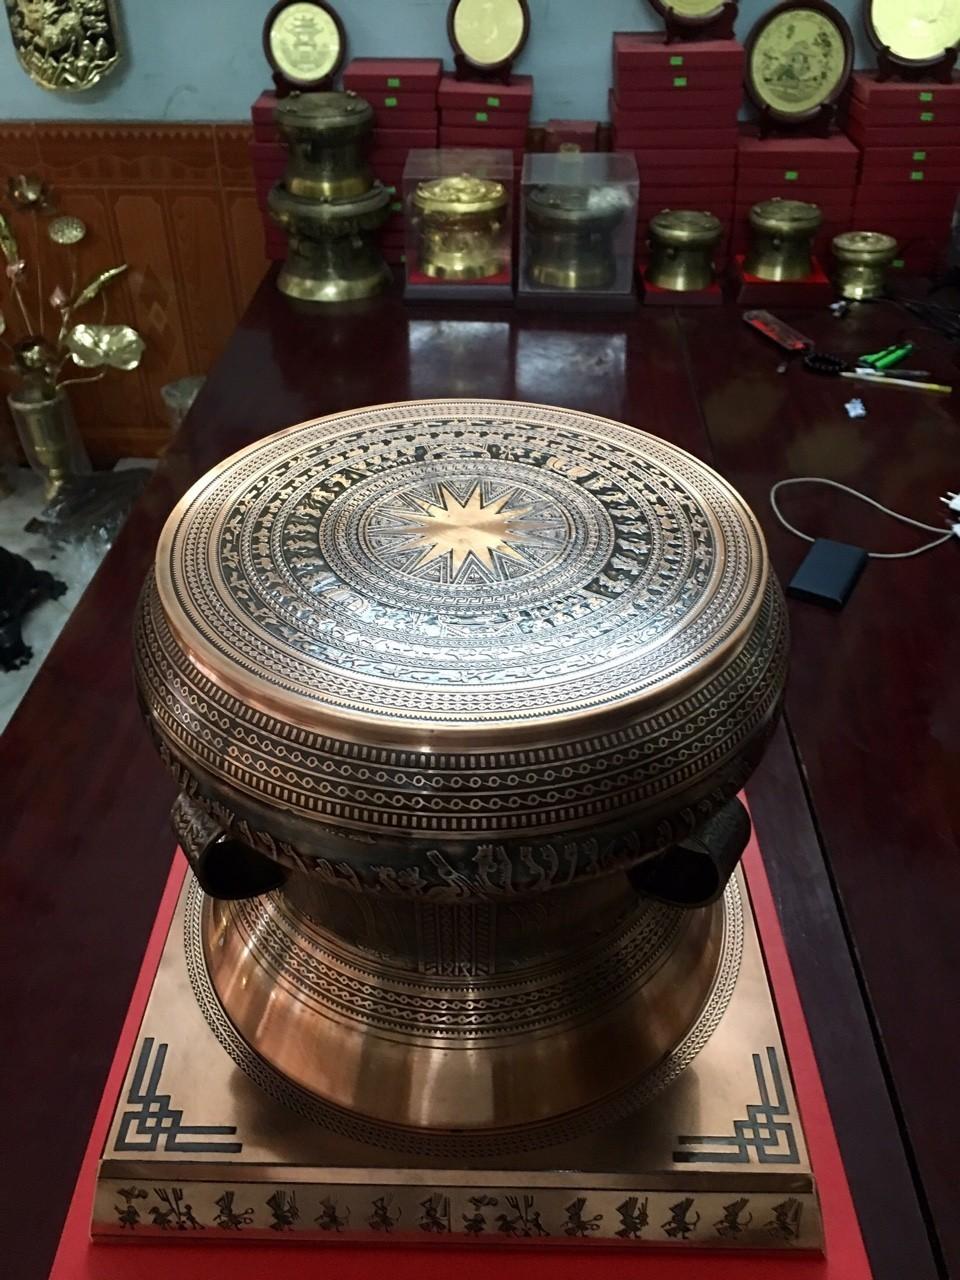 Địa chỉ mua trống đồng quà tặng uy tín chất lượng tại Sài Gòn, trống đồng lưu niệm ý nghĩa